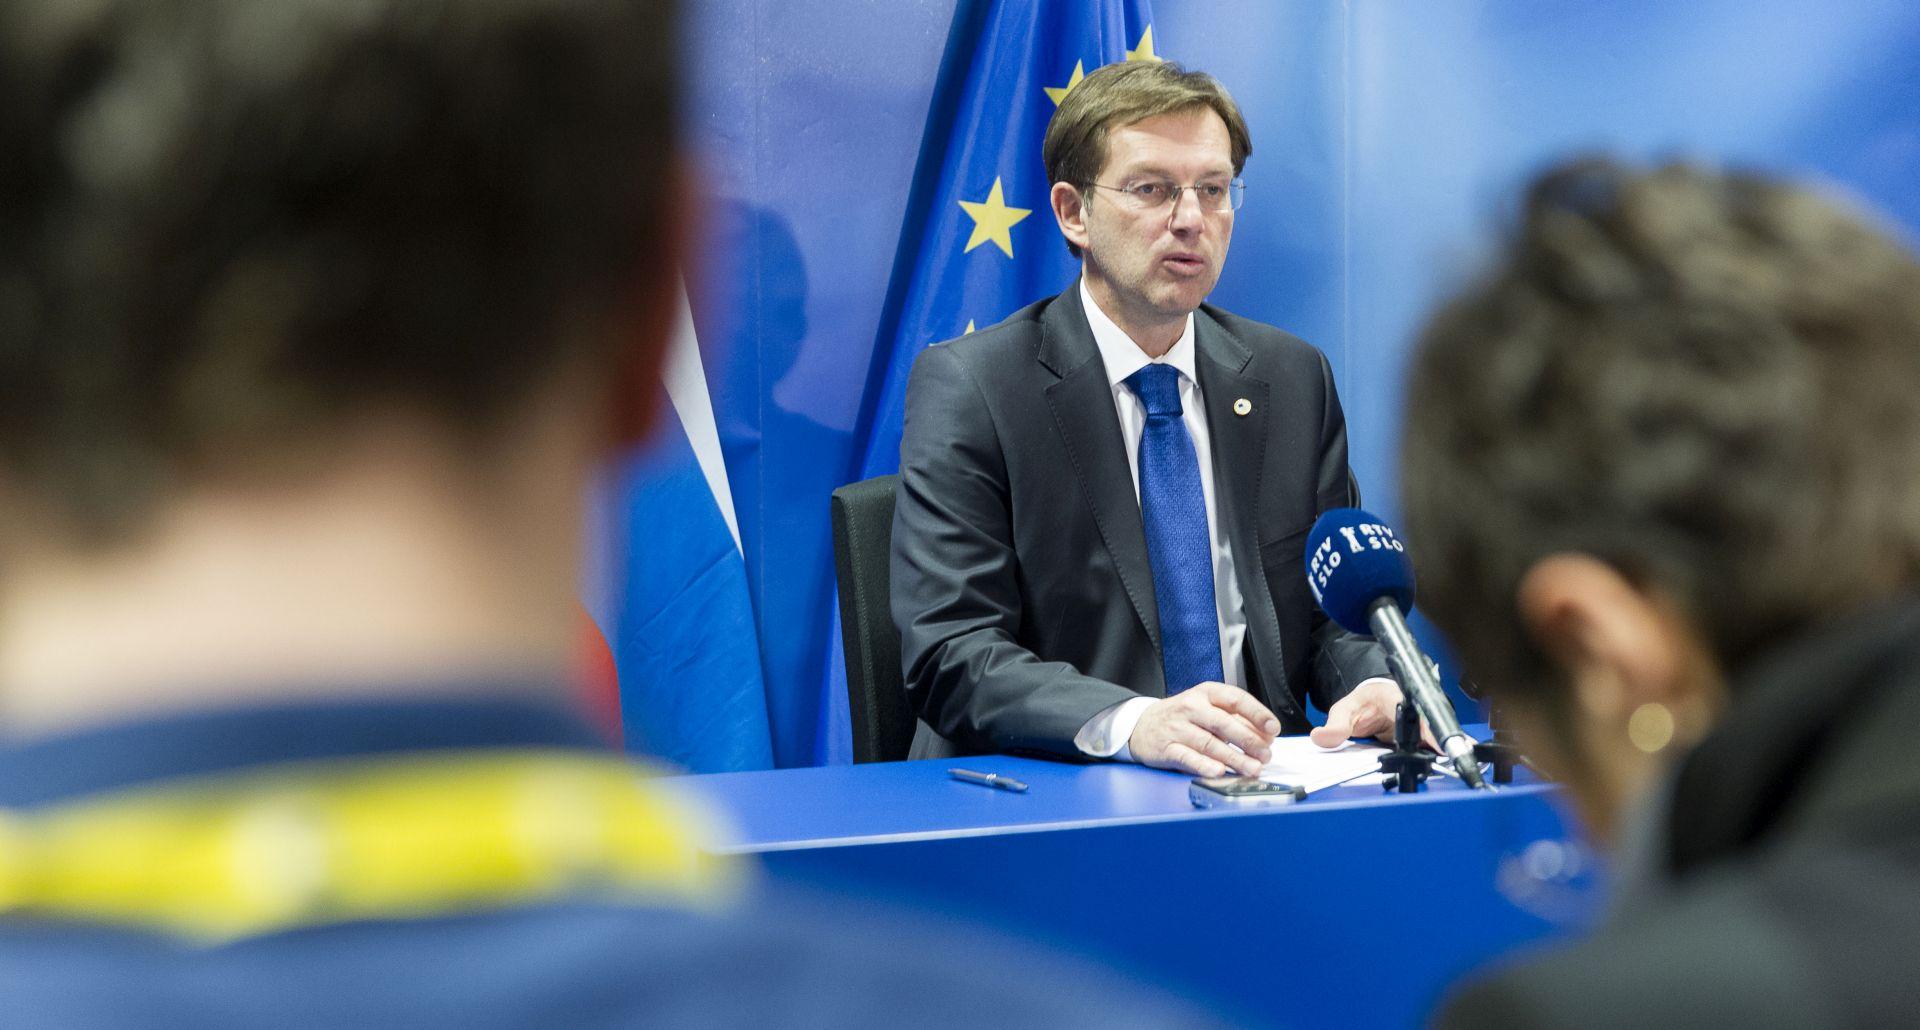 Cerar predsjedniku EP-a zanijekao nedostatak pijeteta prema žrtvama komunističkih zločina